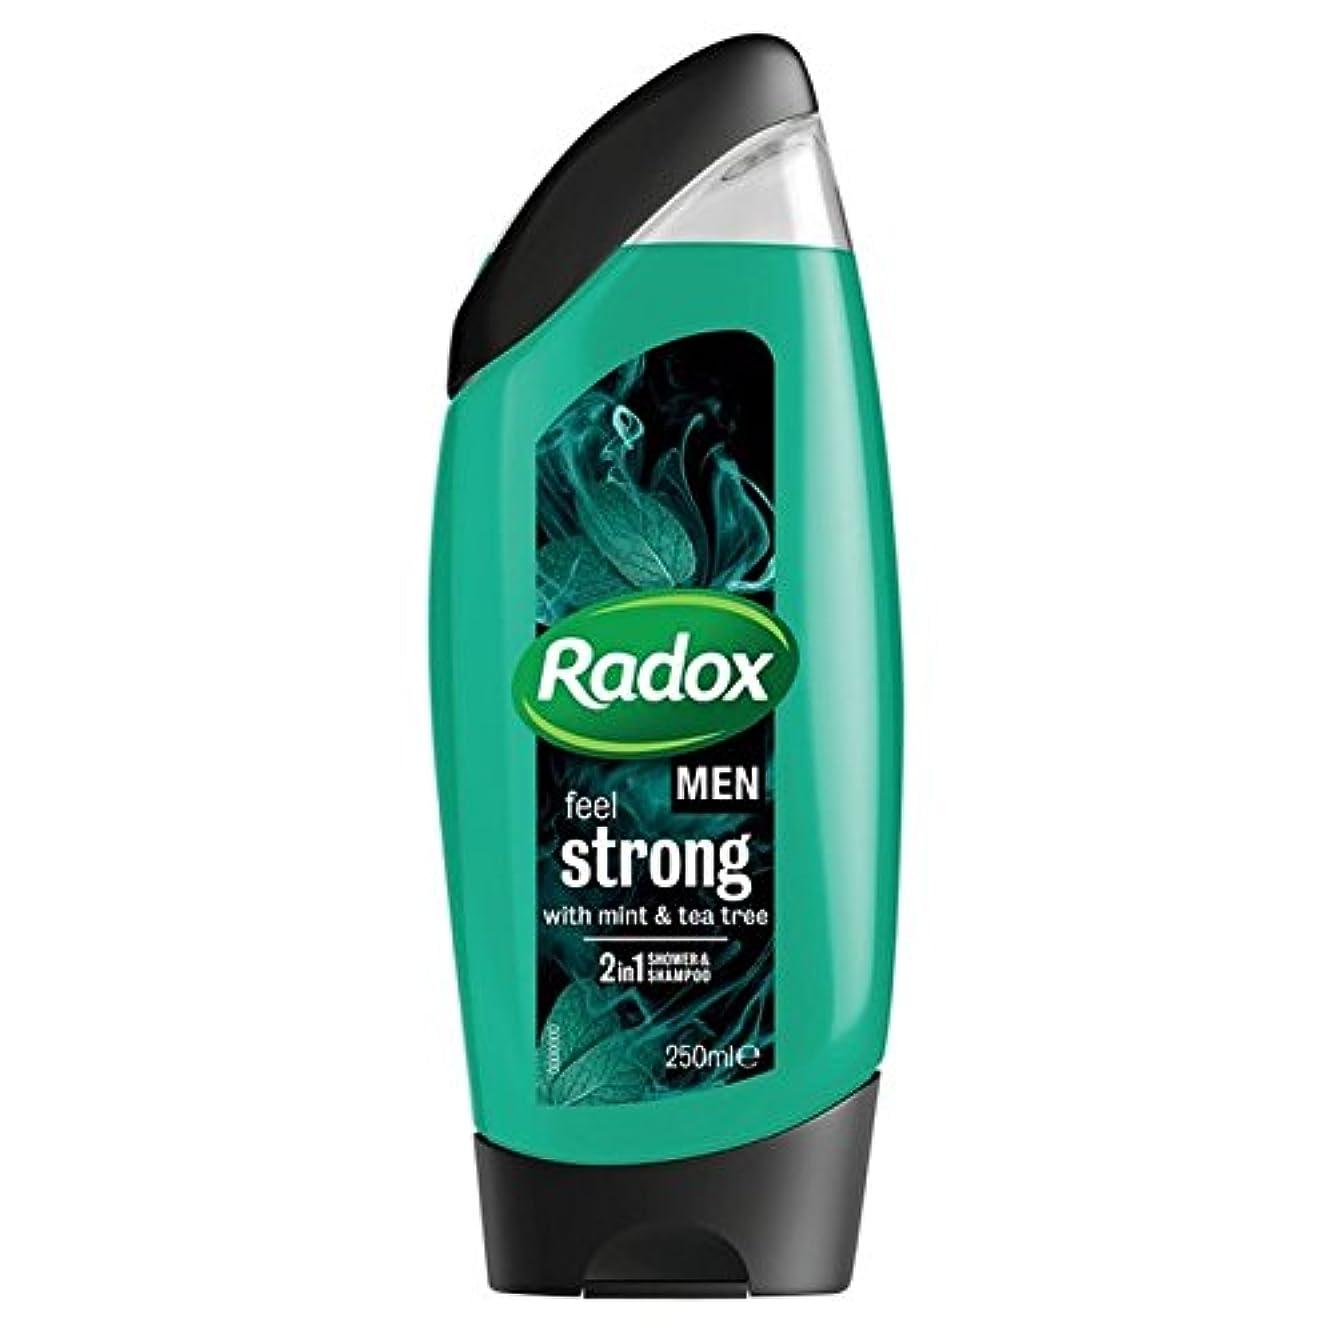 保持する確かな白い男性は、強力なミント&ティーツリーの21のシャワージェル250ミリリットルを感じます x2 - Radox Men Feel Strong Mint & Tea Tree 2in1 Shower Gel 250ml (Pack...